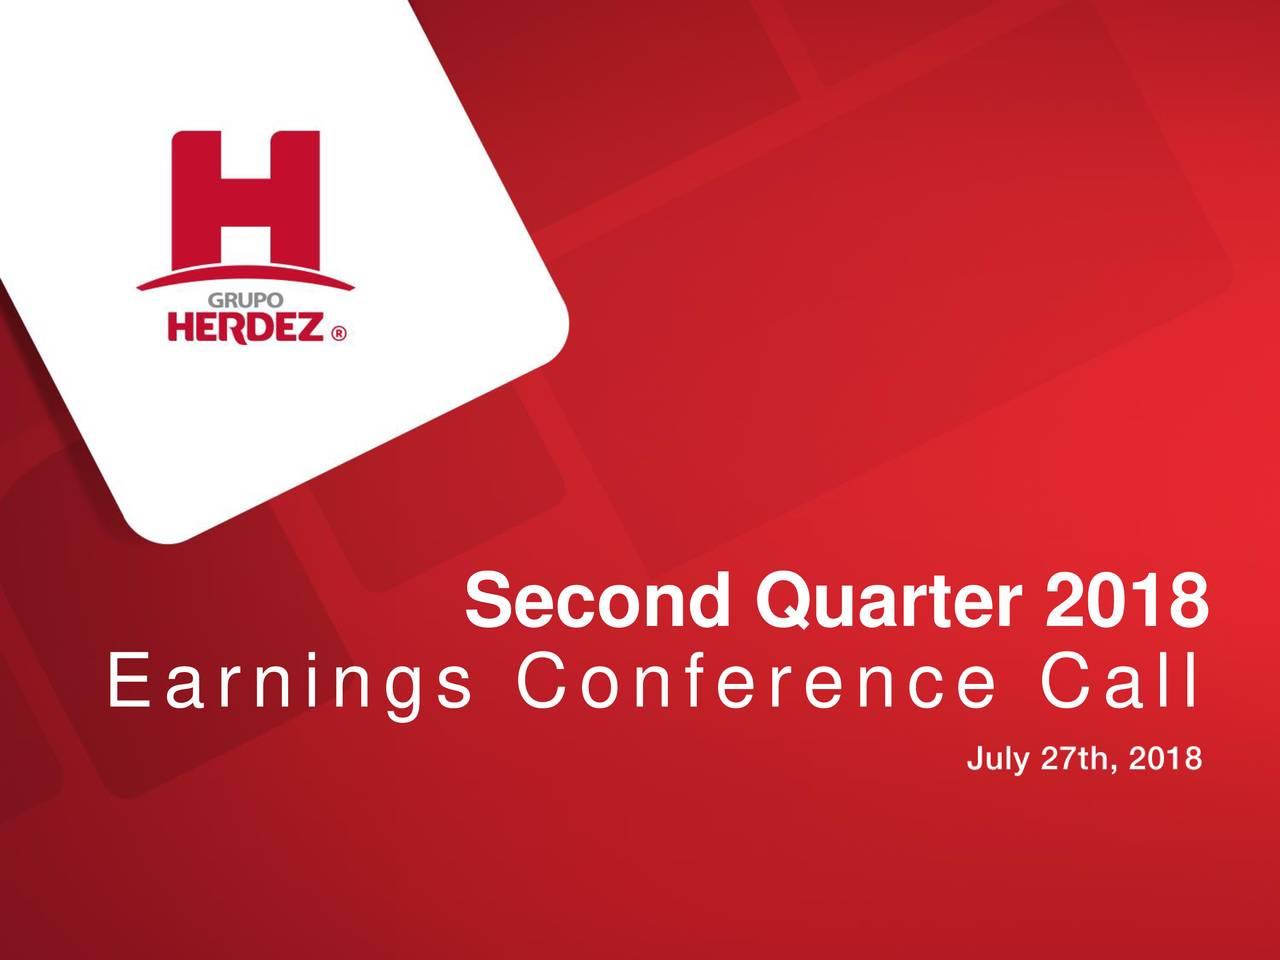 Earnings Disclaimer >> Grupo Herdez, S.A.B. DE C.V. ADR 2018 Q2 - Results - Earnings Call Slides - Grupo Herdez, S.A.B ...